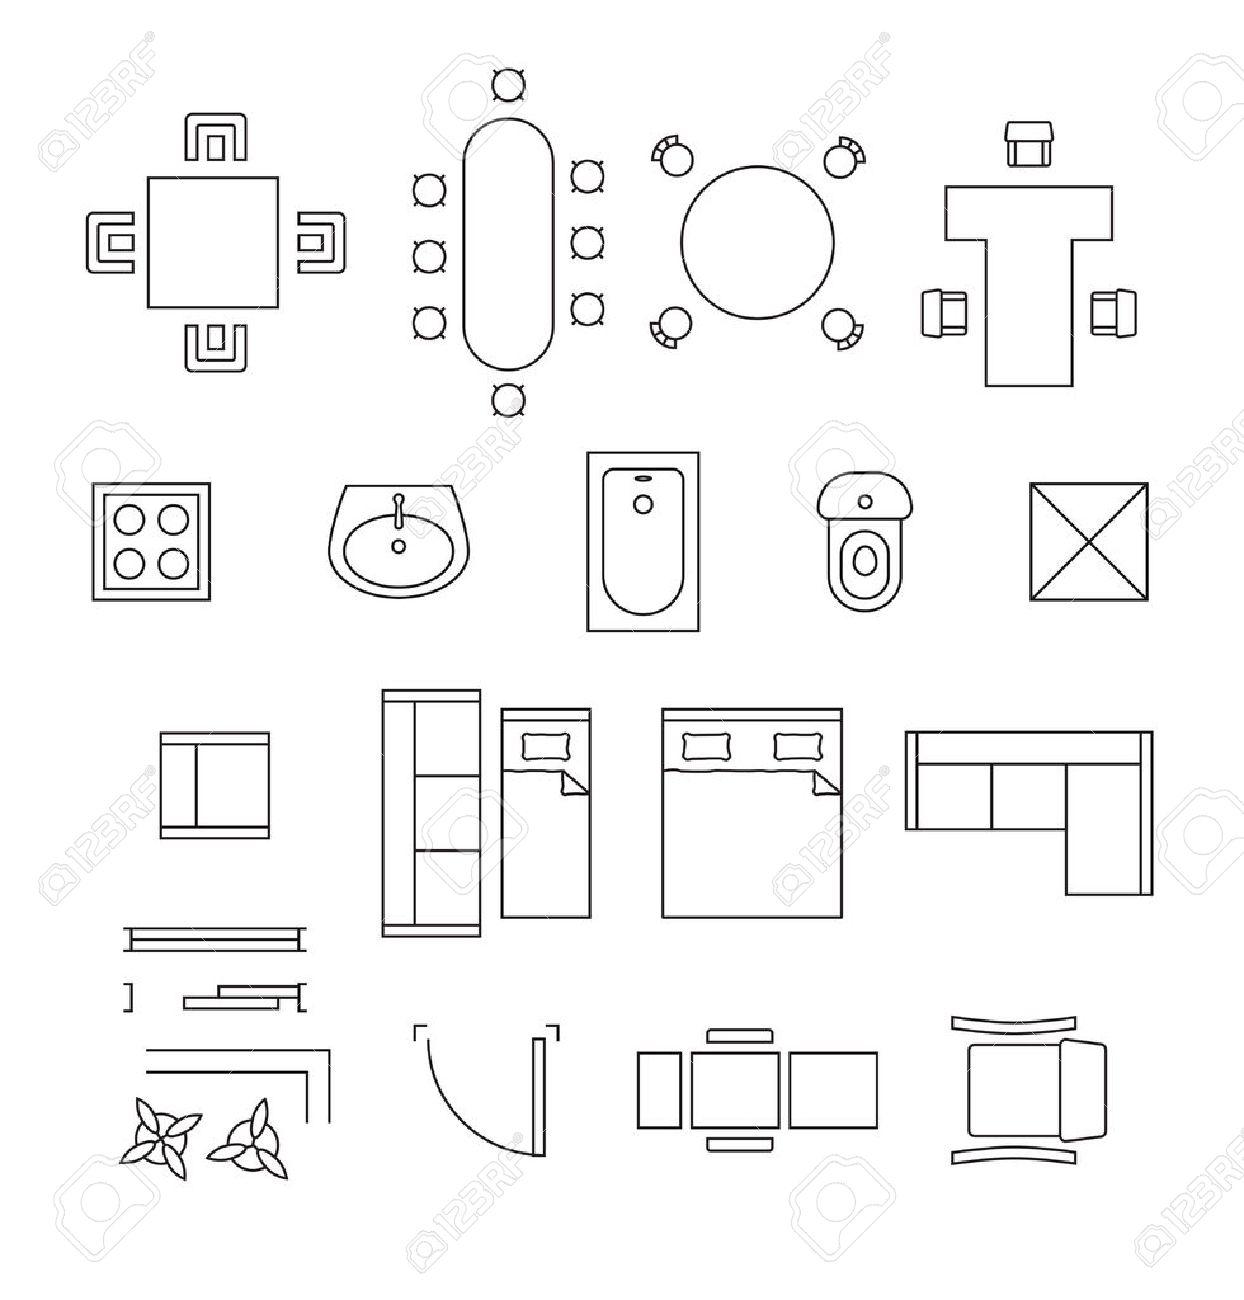 Fein Symbole Für Aus Und An Fotos - Der Schaltplan - greigo.com